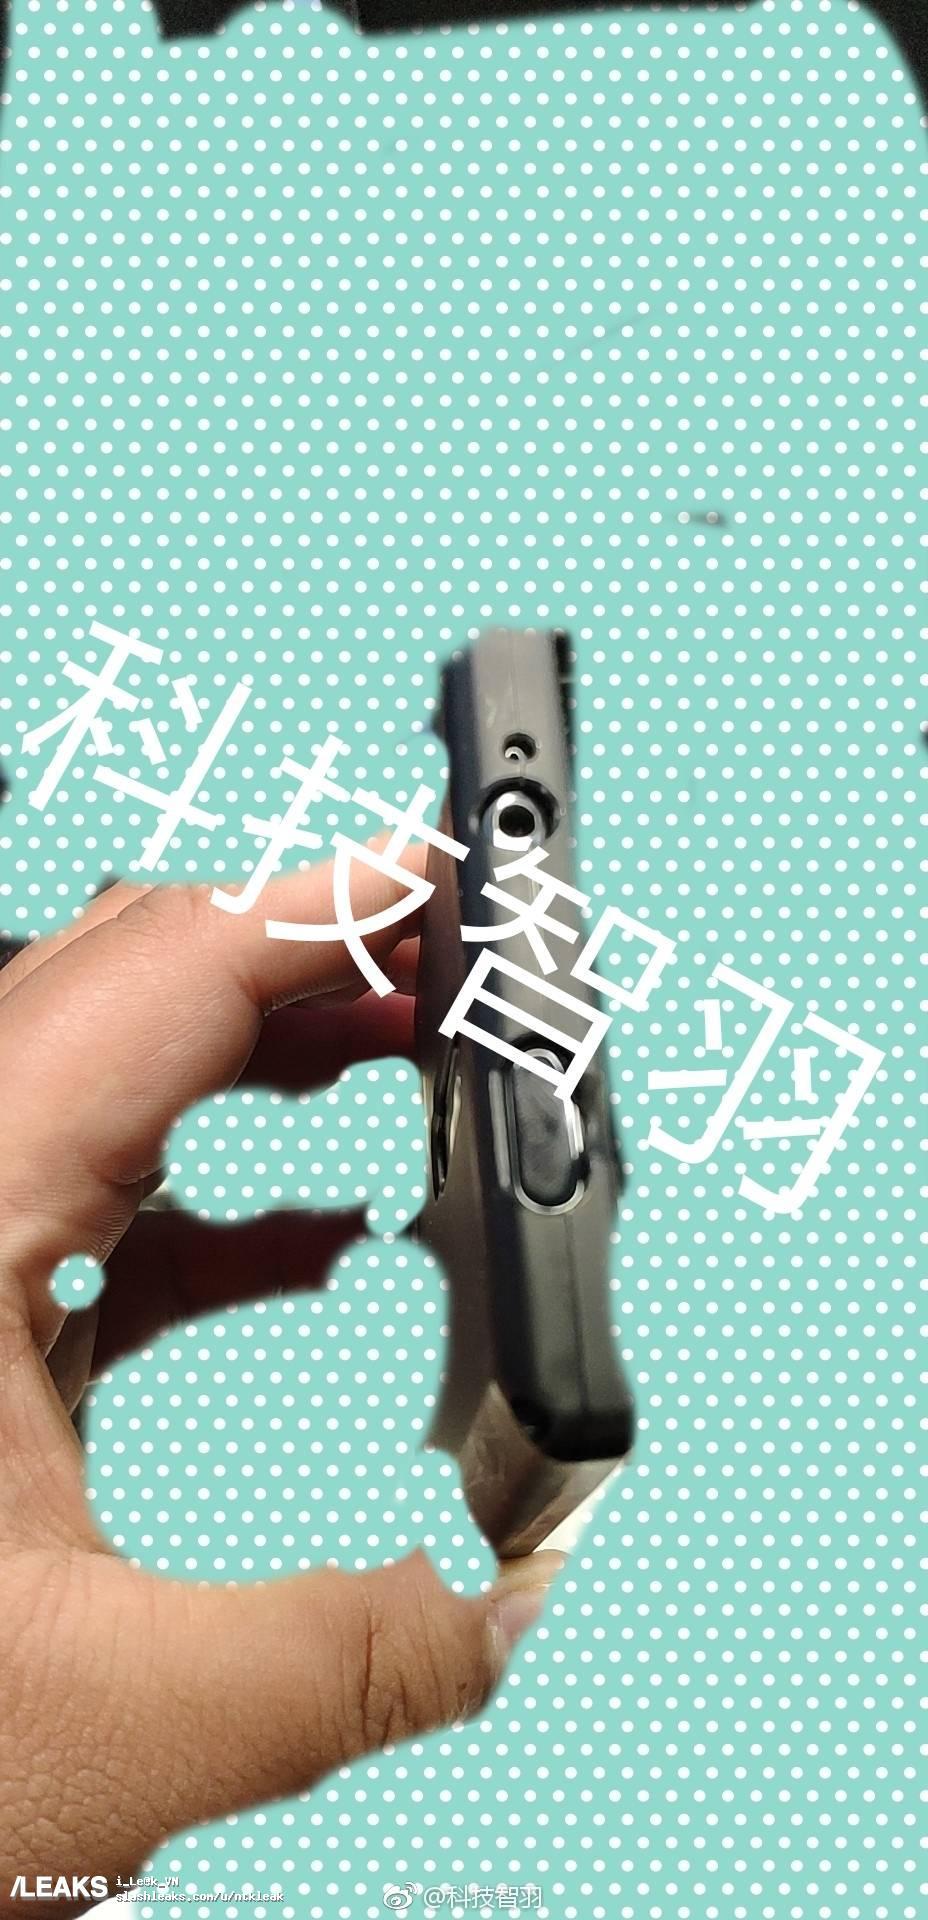 Redmi新机曝光 升降式镜头+骁龙730